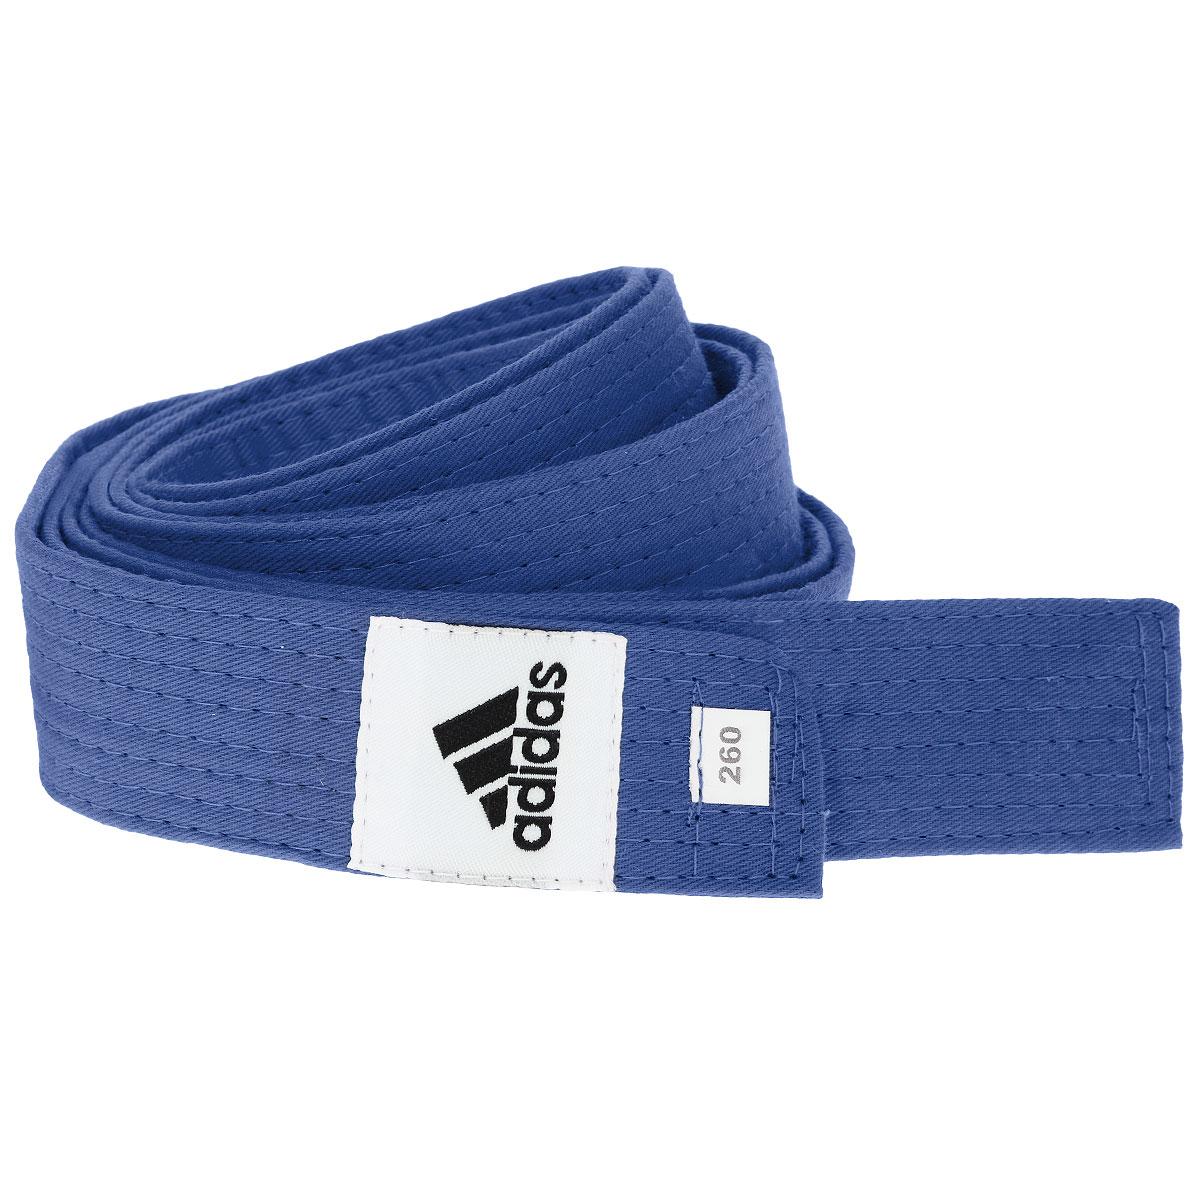 Пояс для единоборств adidas Club, цвет: синий. adiB220. Длина 300 смadiB220Пояс для единоборств adidas Club - универсальный пояс для кимоно. Пояс выполнен из плотного хлопкового материала с прострочкой.Такой пояс - необходимый аксессуар для тех, кто занимается боевыми искусствами.